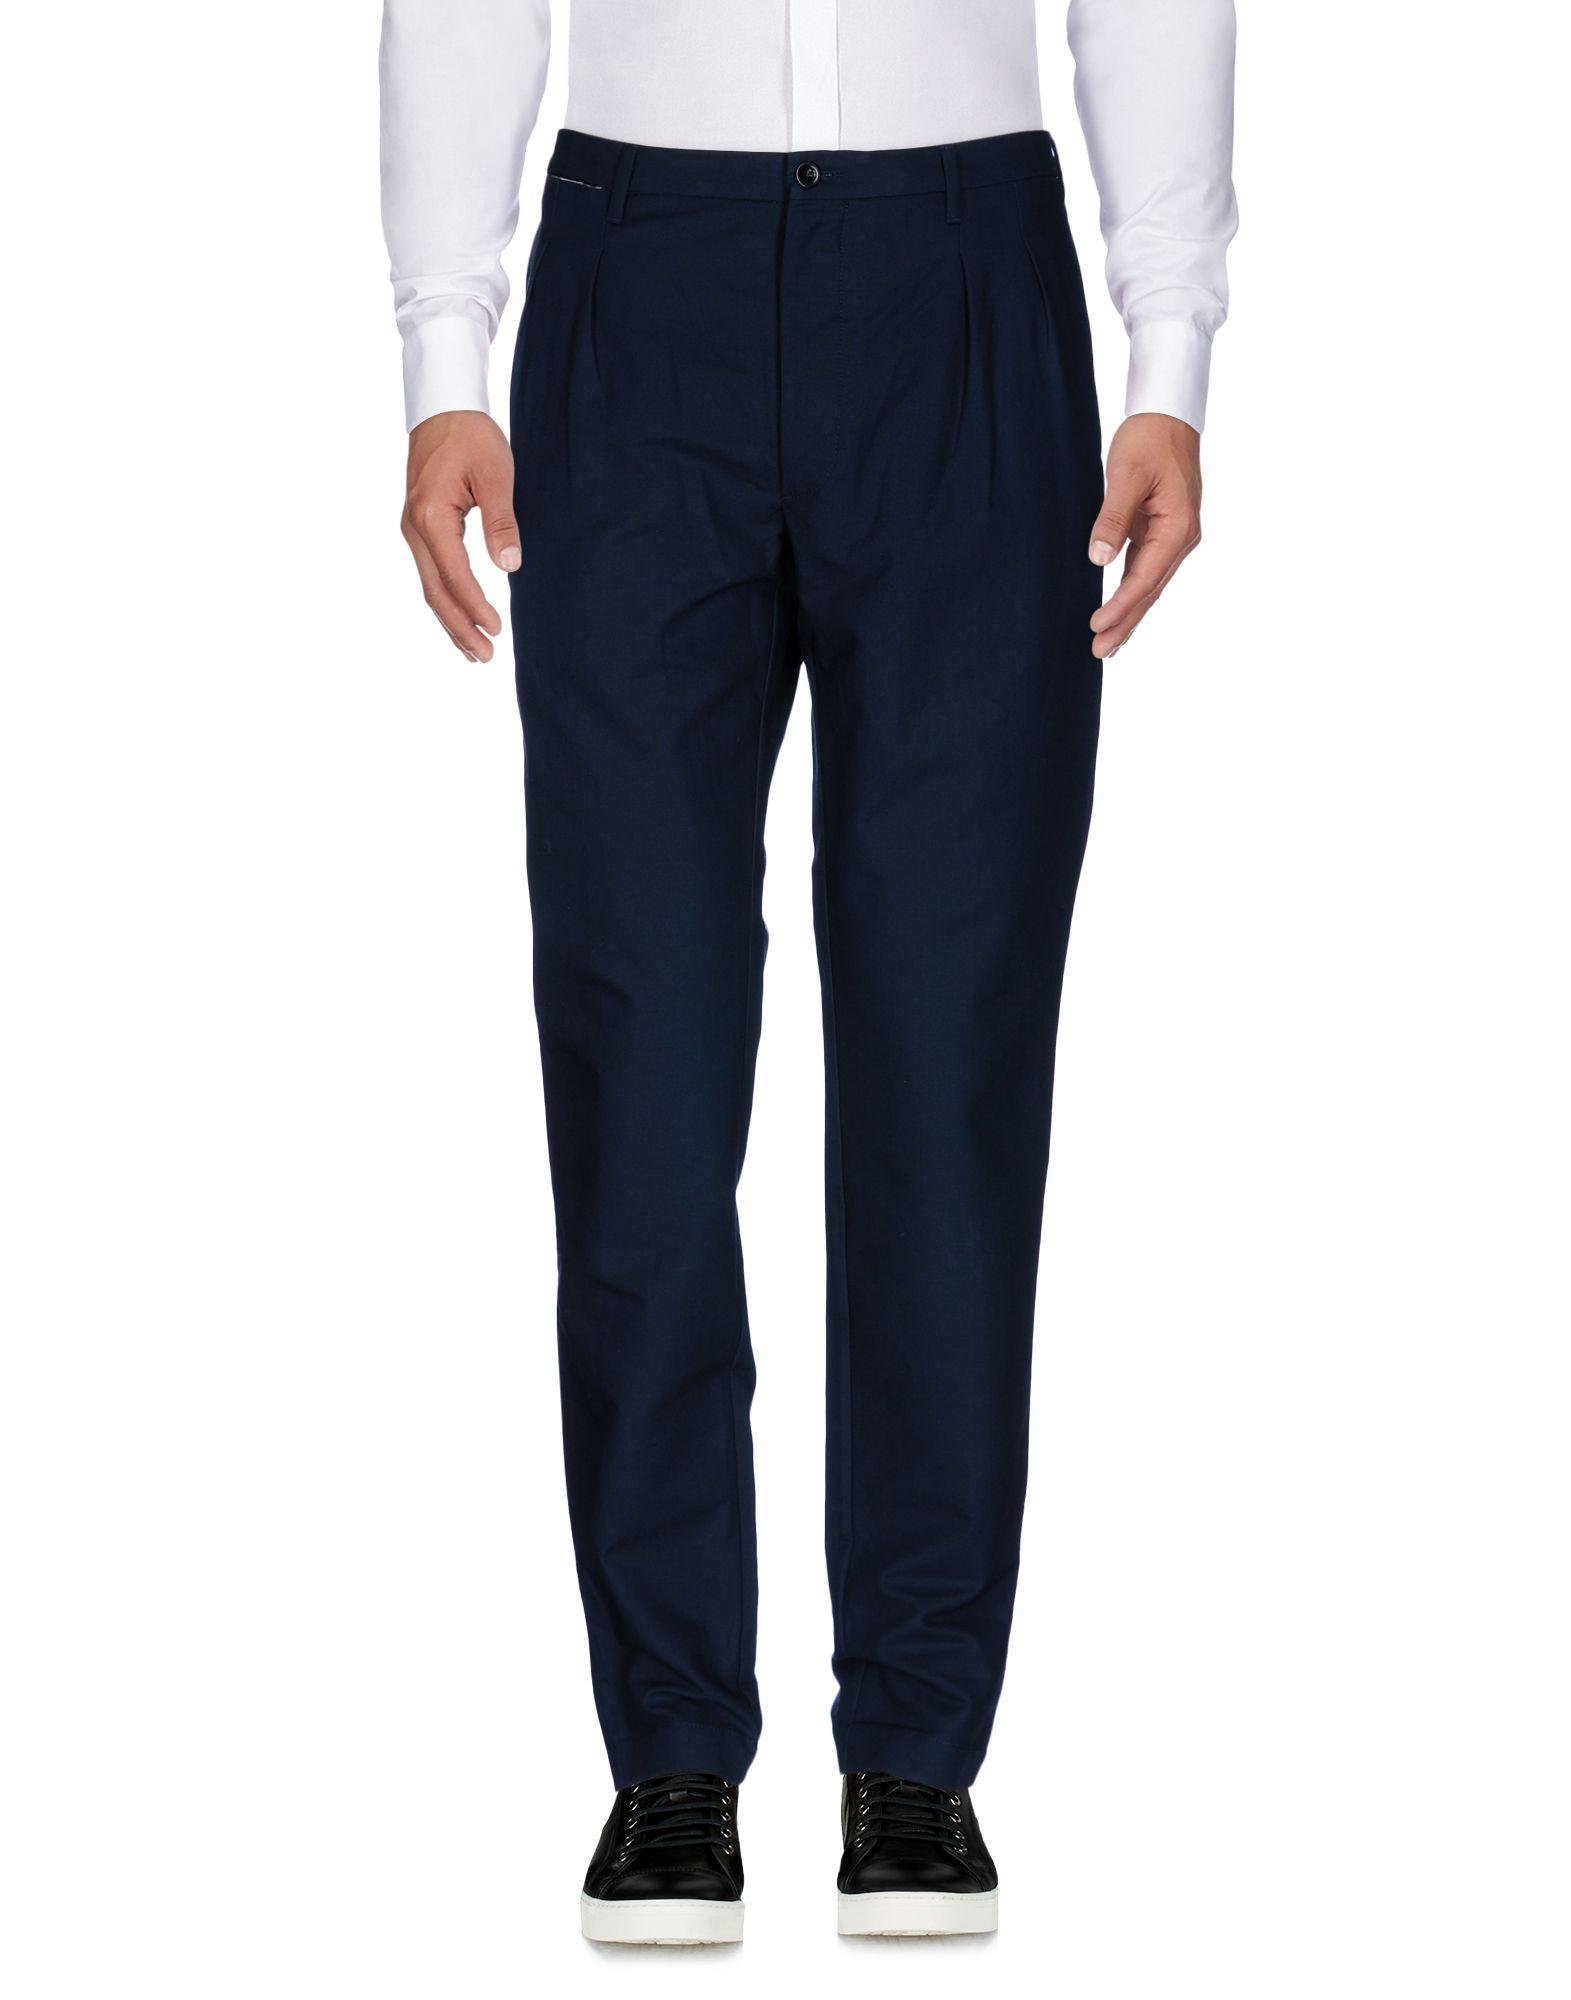 《送料無料》ARCHIVIO Firenze メンズ パンツ ダークブルー 36 コットン 100%